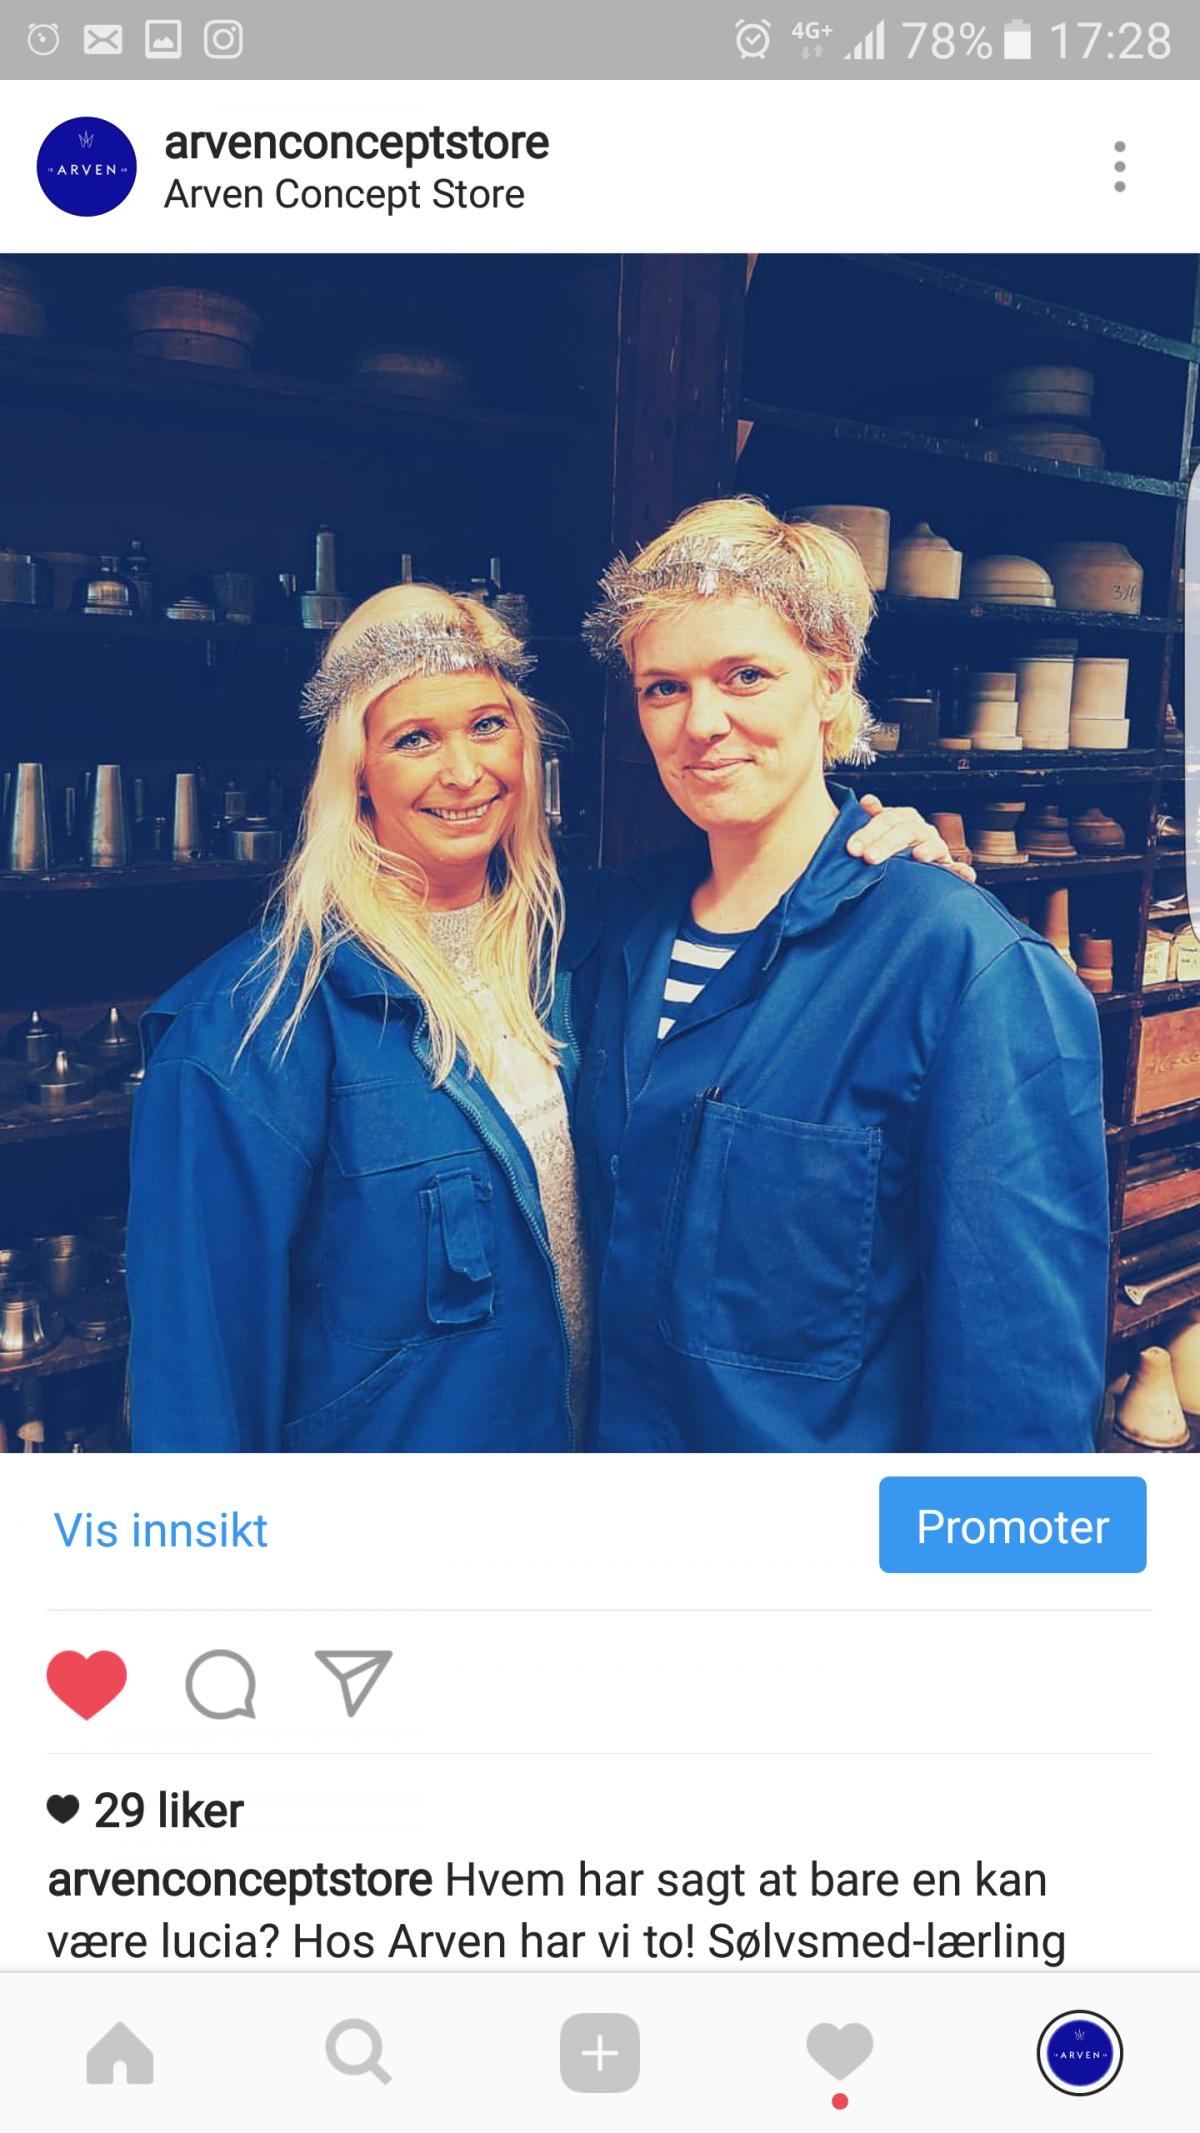 Bergstrøm Innholdsmarkedsføring Arven